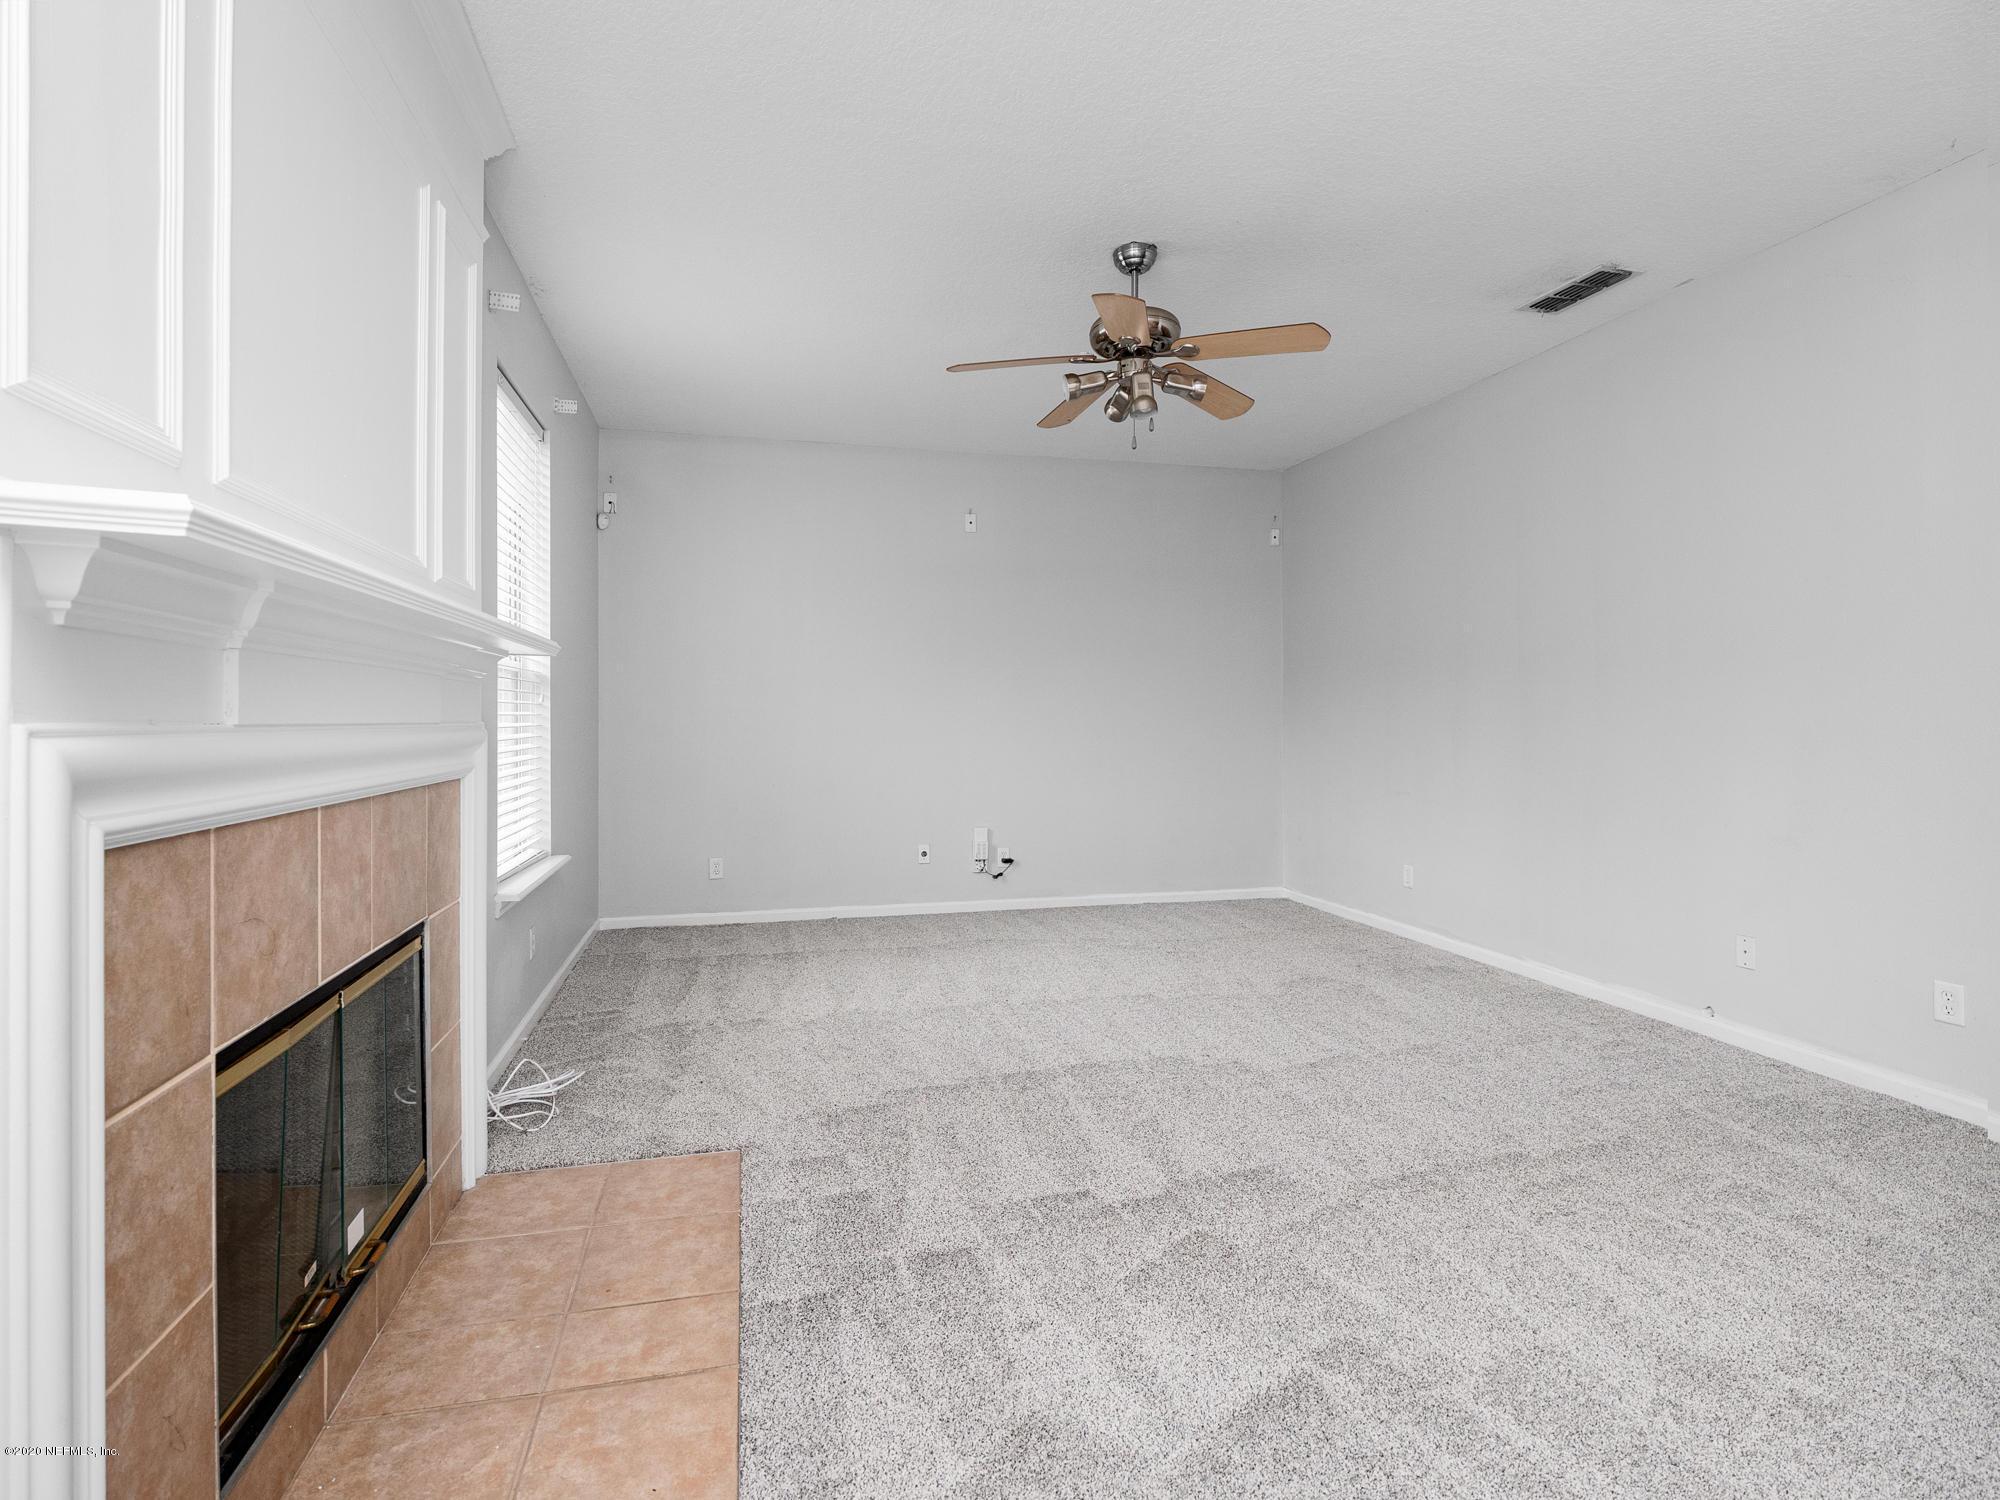 10560 CRESTON GLEN, JACKSONVILLE, FLORIDA 32256, 4 Bedrooms Bedrooms, ,2 BathroomsBathrooms,Residential,For sale,CRESTON GLEN,1058169